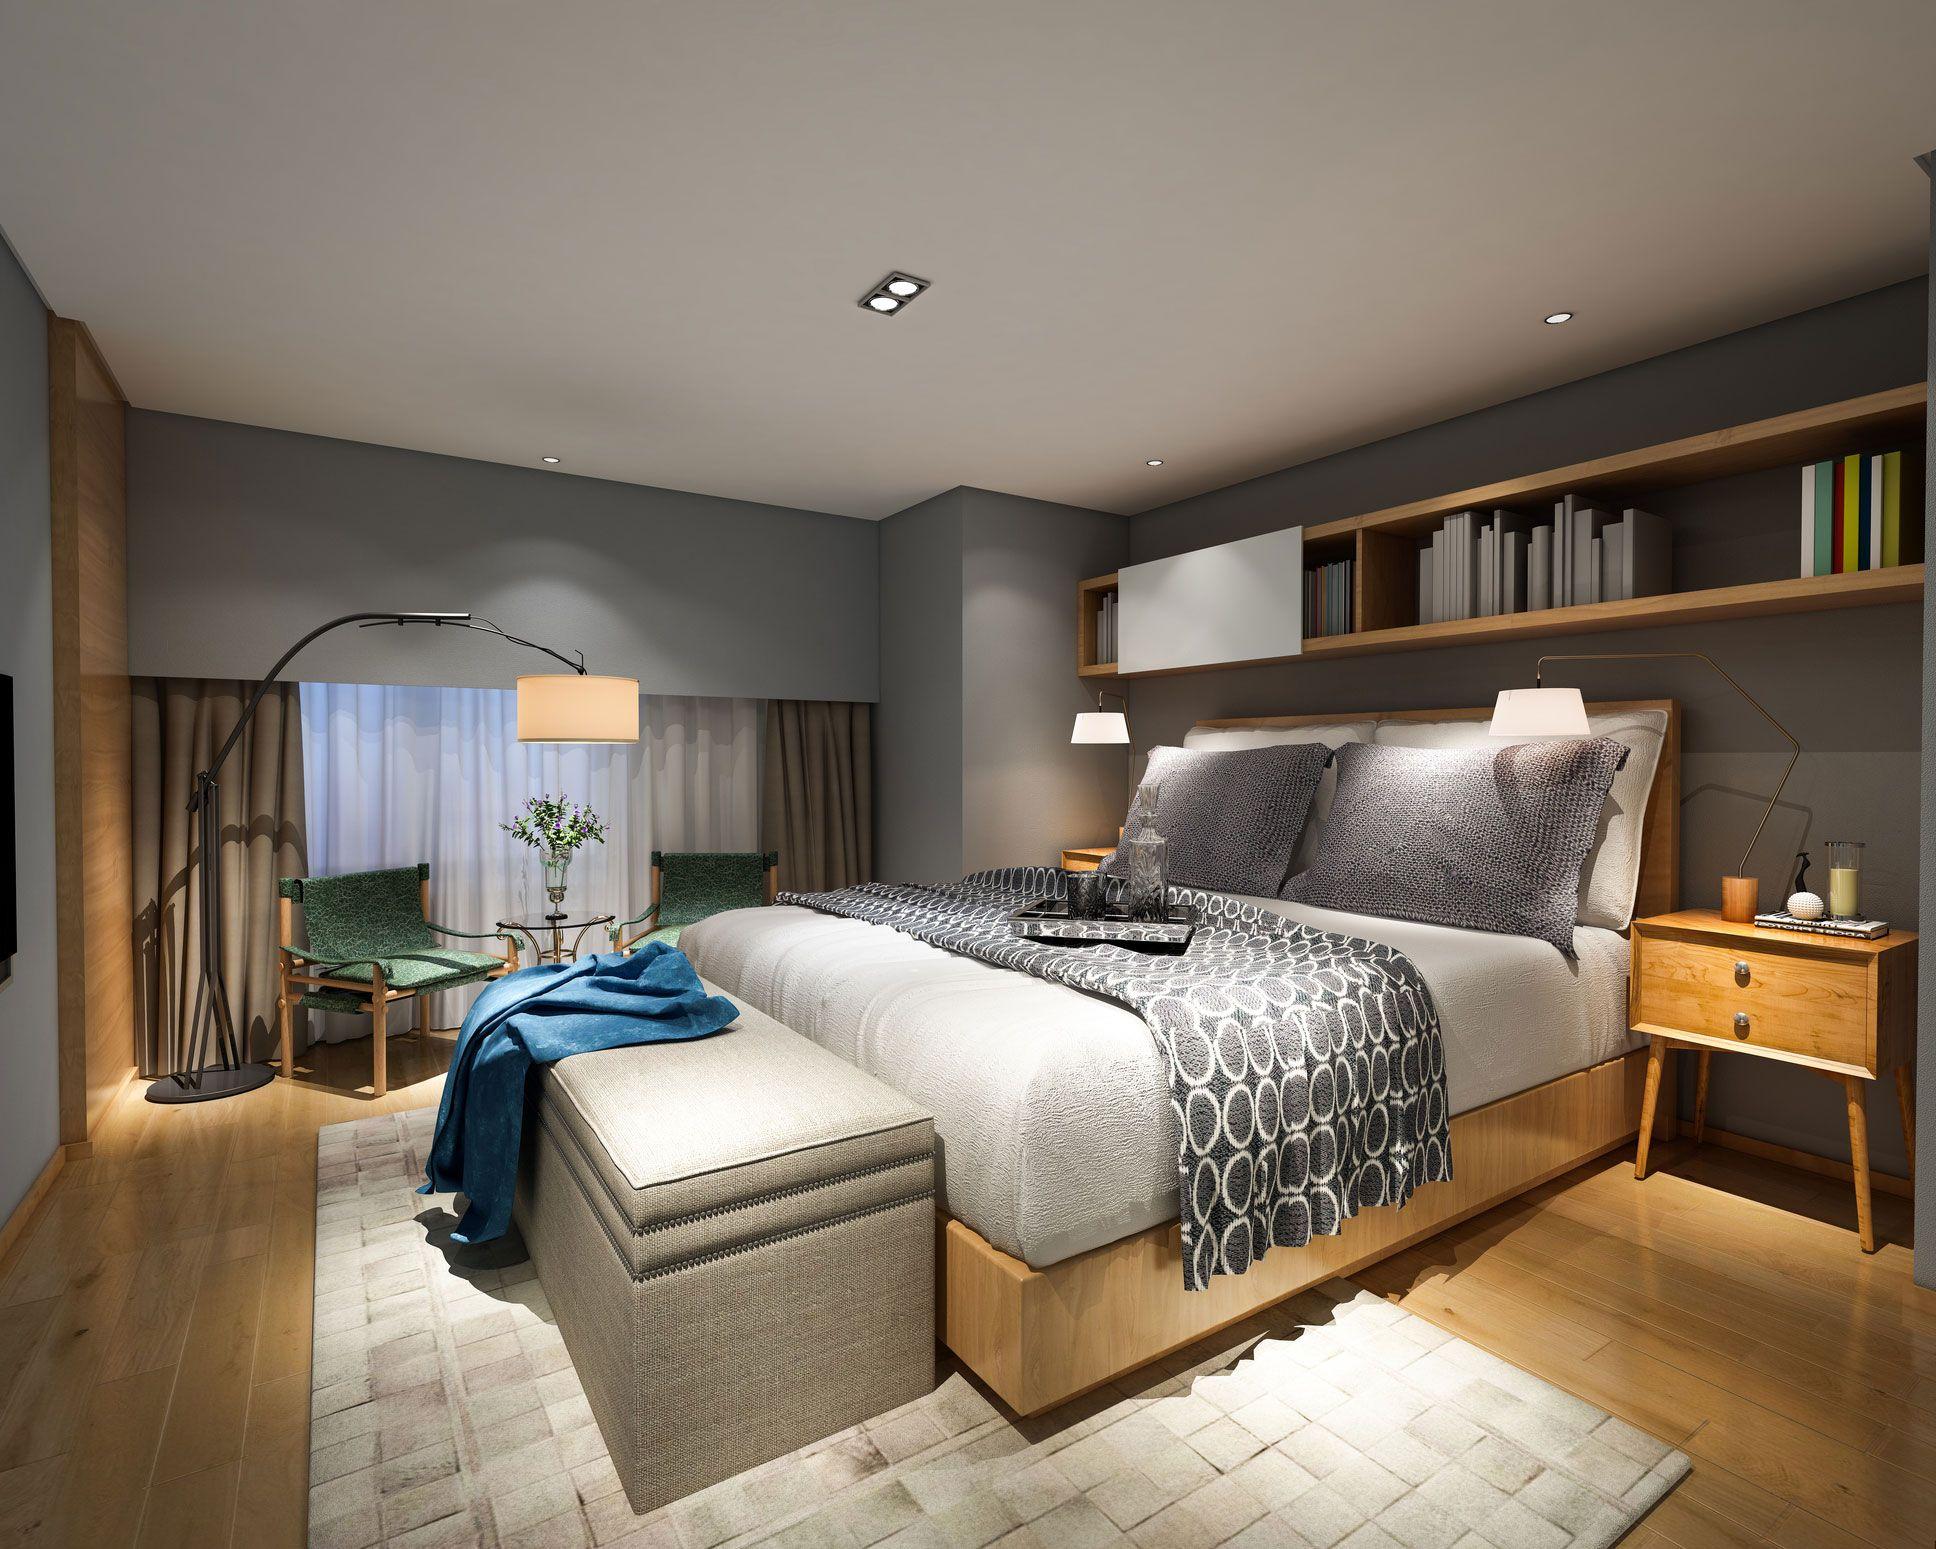 Decora hogar amazing decora hogar with decora hogar qu for Feng shui colores dormitorio matrimonio